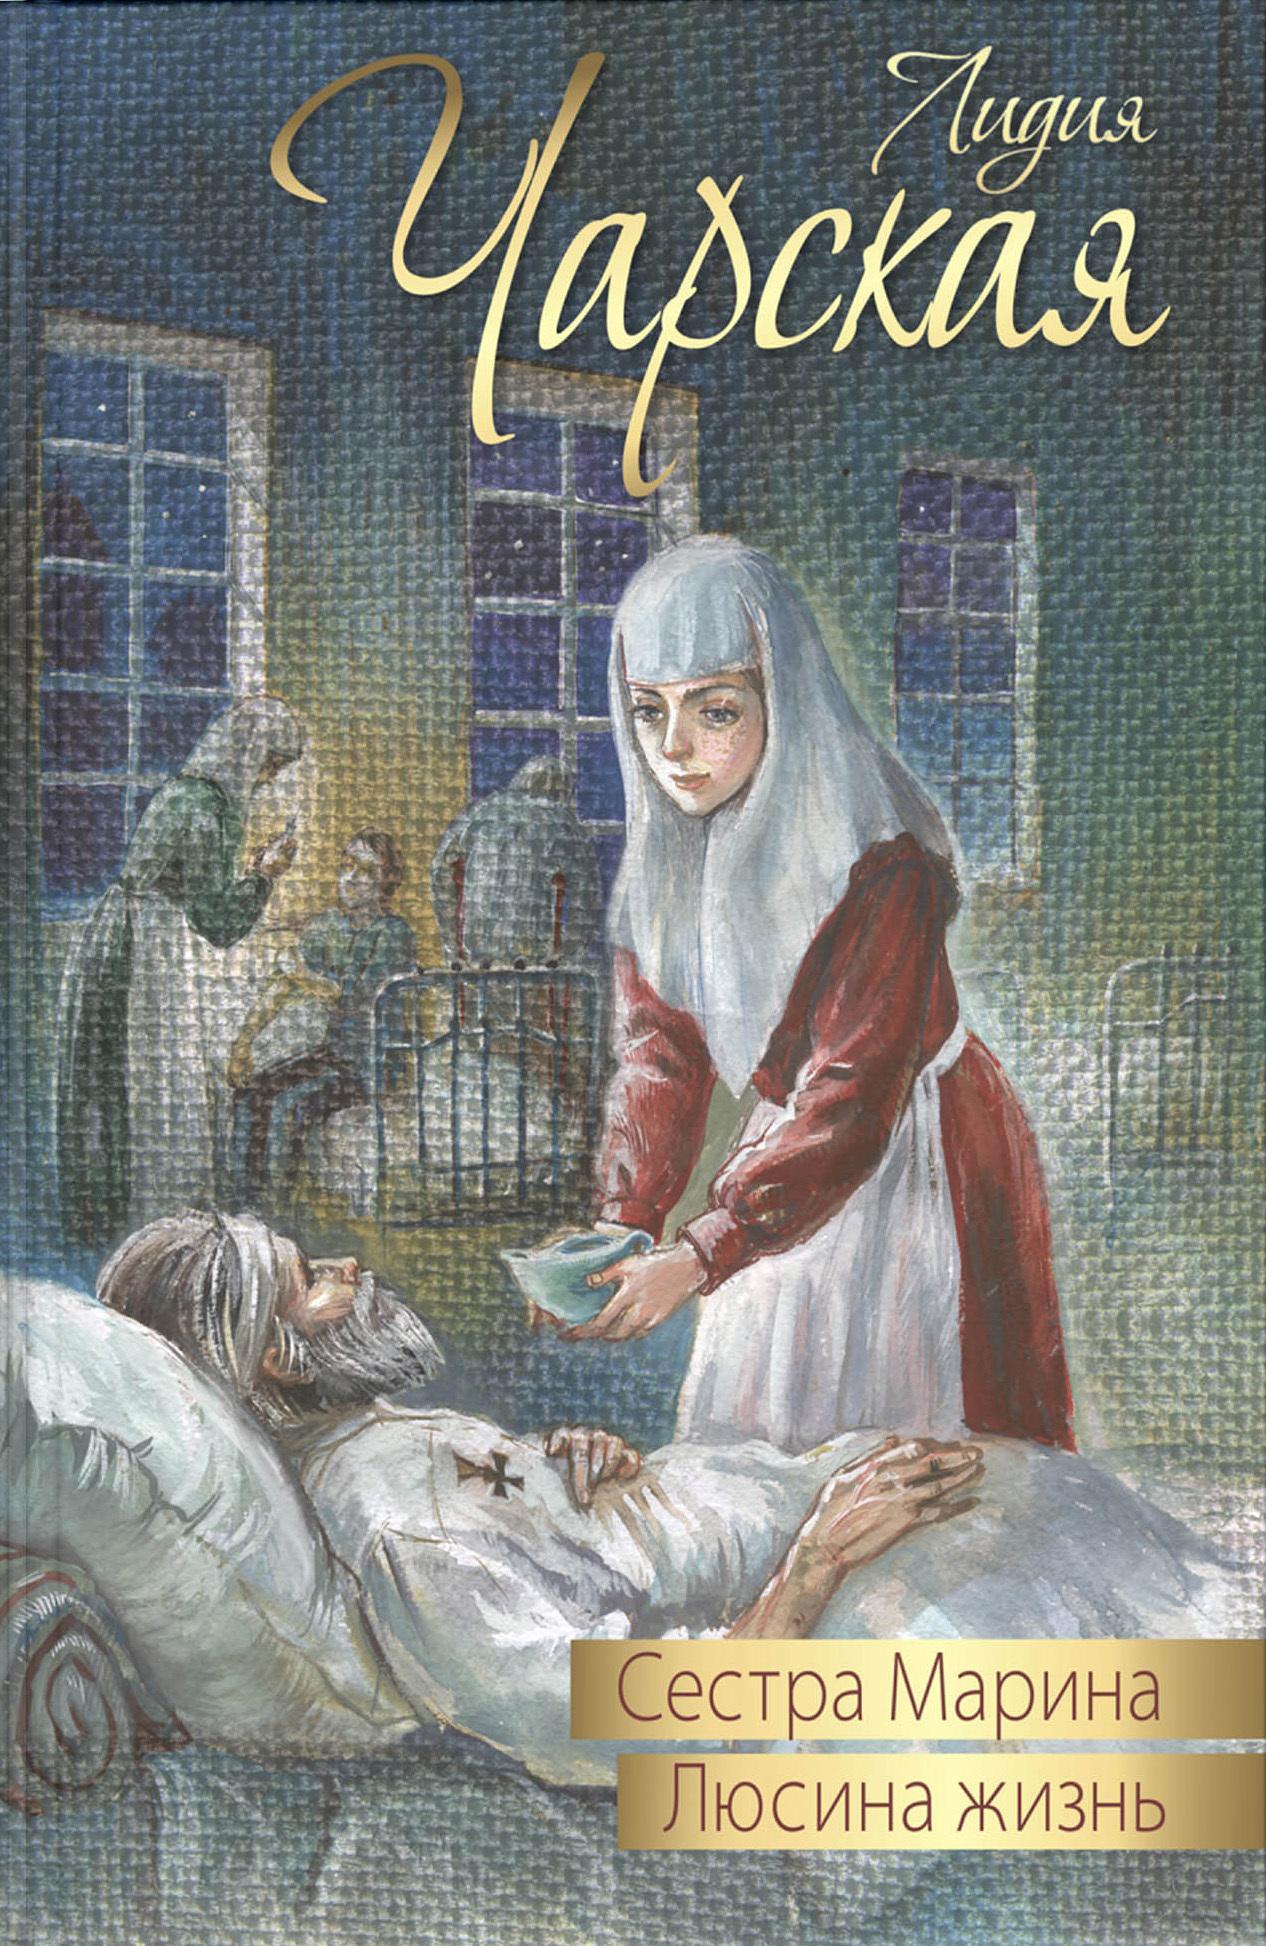 Сестра Марина. Люсина жизнь (сборник)